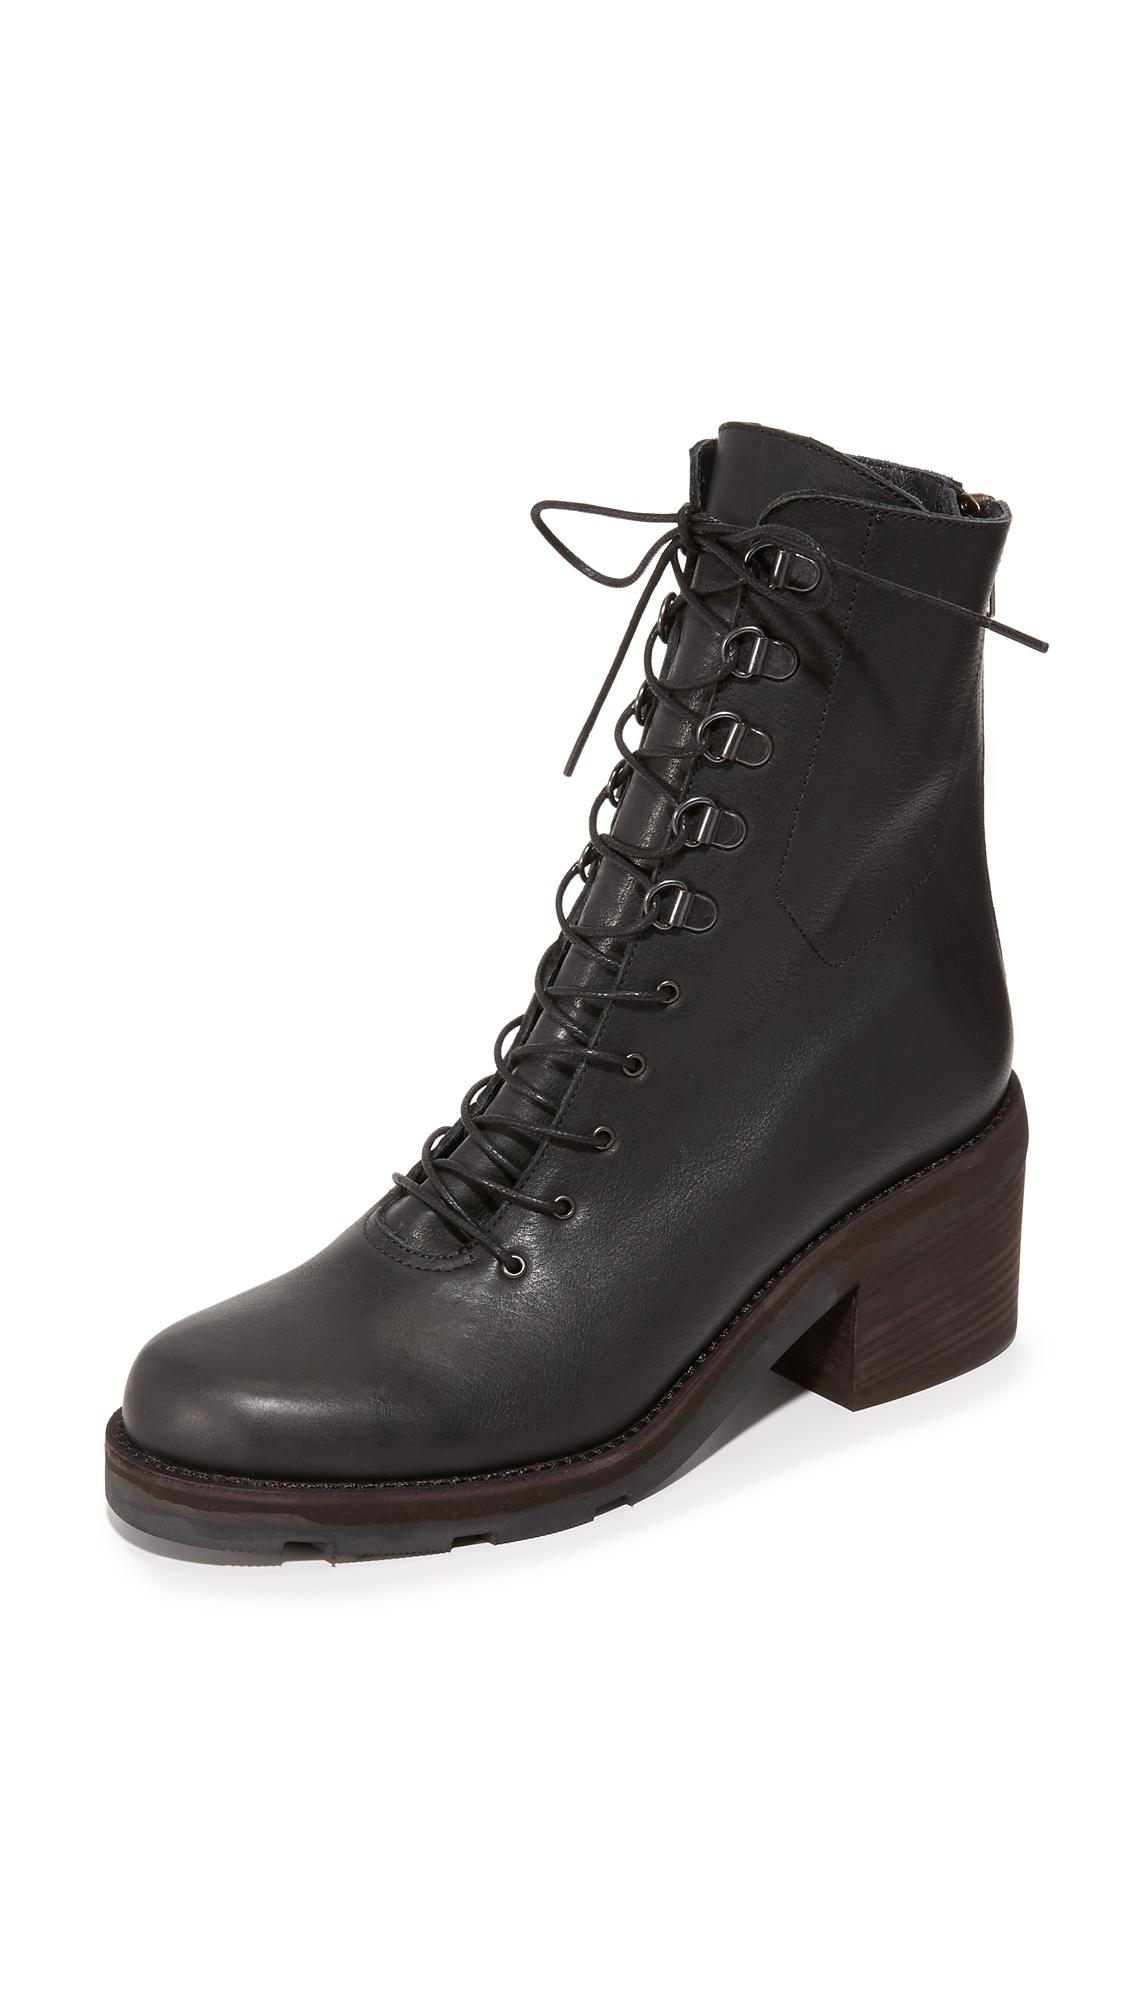 Ld Tuttle The Below Combat Boots - Black